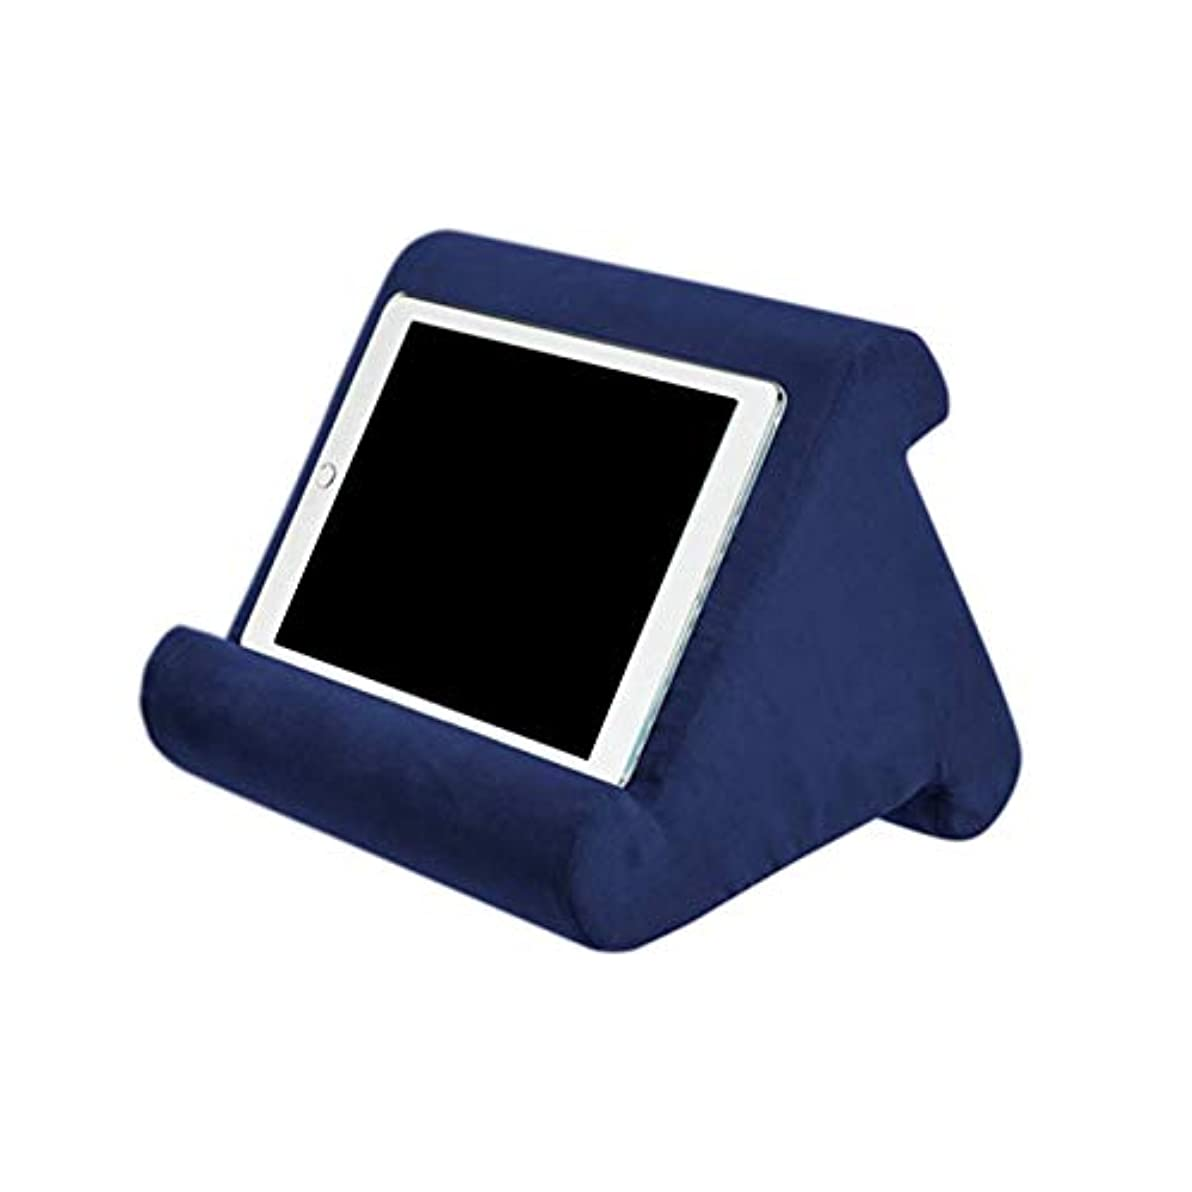 決めます送ったタバコLIFE家庭用タブレット枕ホルダースタンドブック残り読書サポートクッションベッドソファマルチアングルソフト枕ラップスタンドクッションクッション 椅子